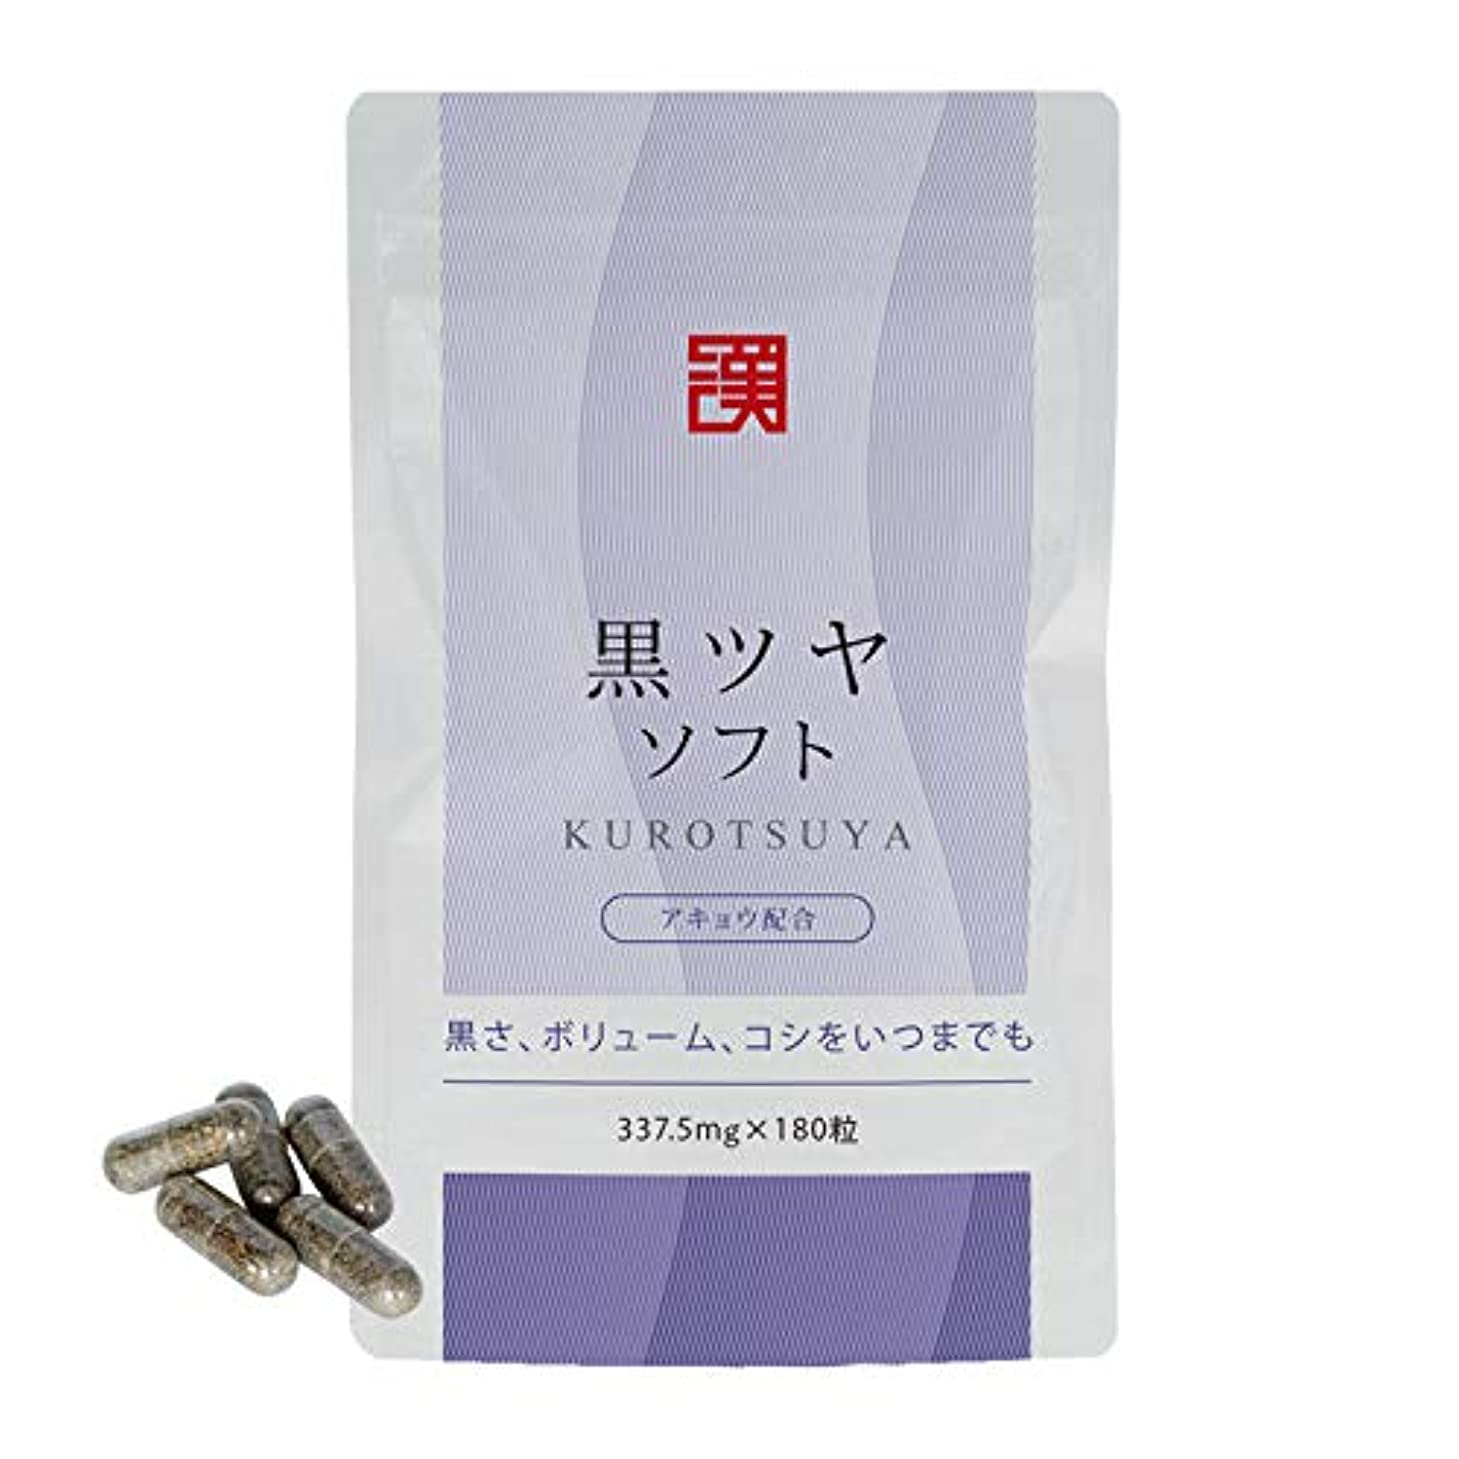 痛い下着不規則な和漢メディカ 黒ツヤソフト 白髪 ヘアケア サプリメント 約1ヵ月分180粒 アキョウ 日本製